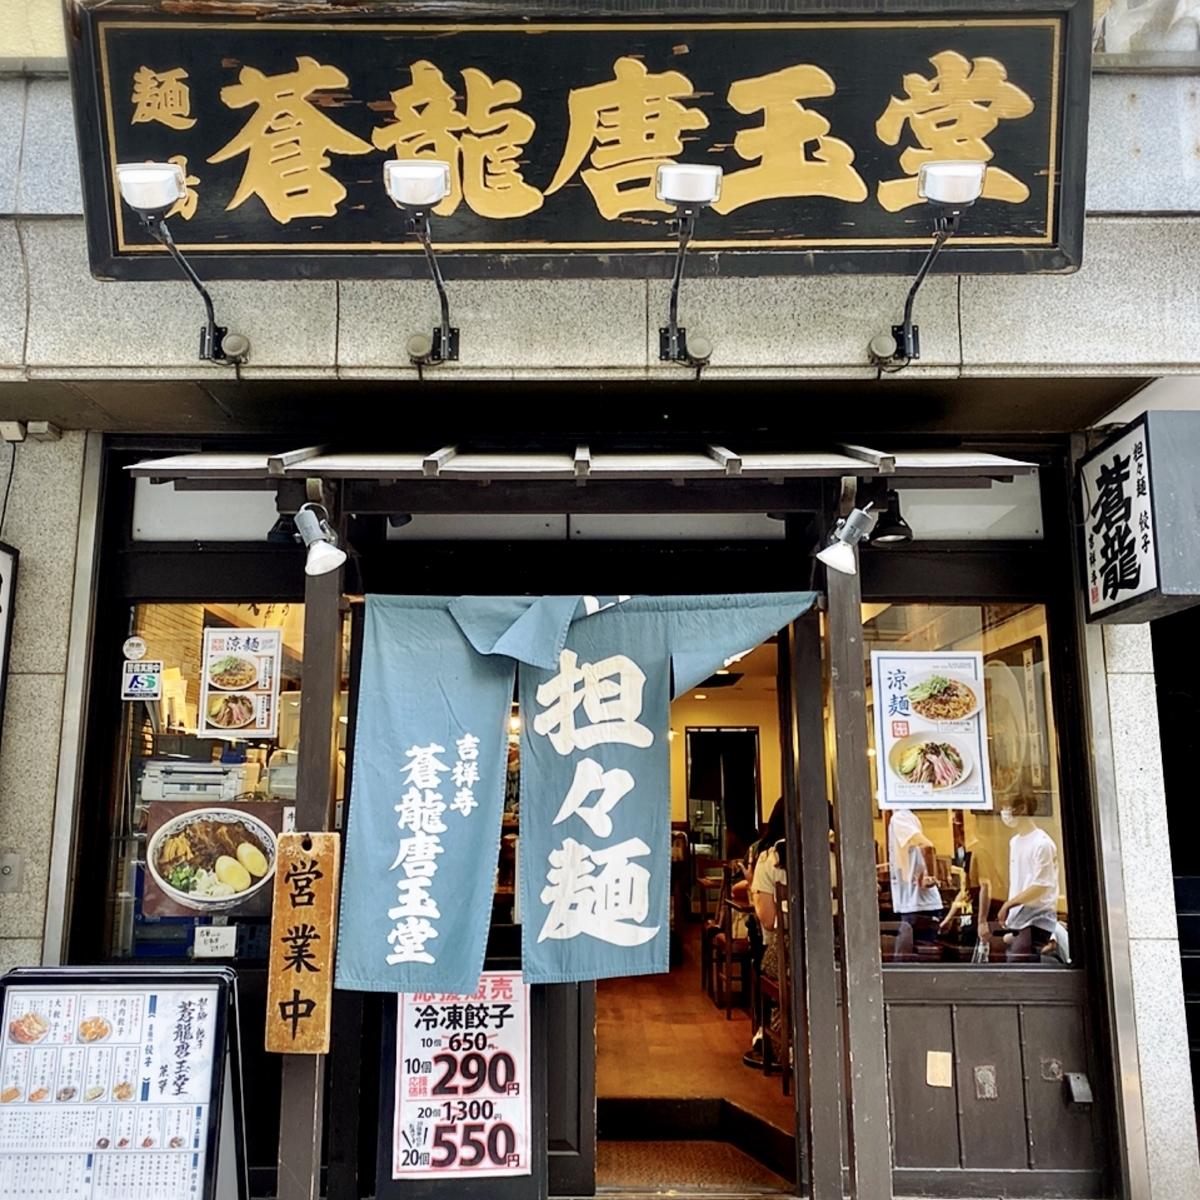 「蒼龍唐玉堂 吉祥寺店」は様々な麺を楽しめるお店でした